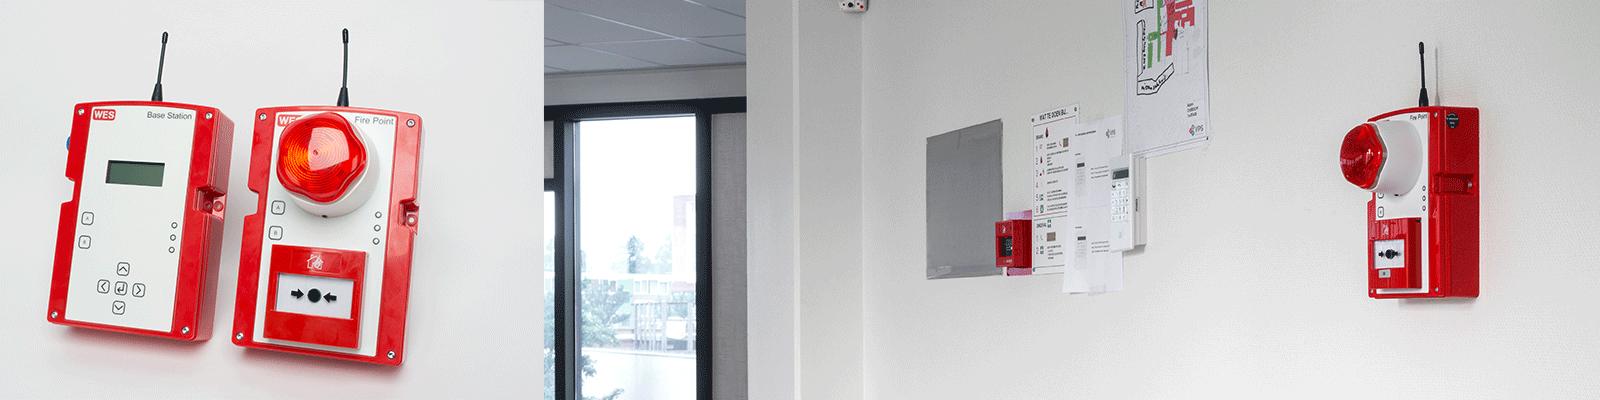 Vps Firealert Wes Ein Innovatives Brandschutz Und Evakuierungssystem Fur Leerstehende Objekte